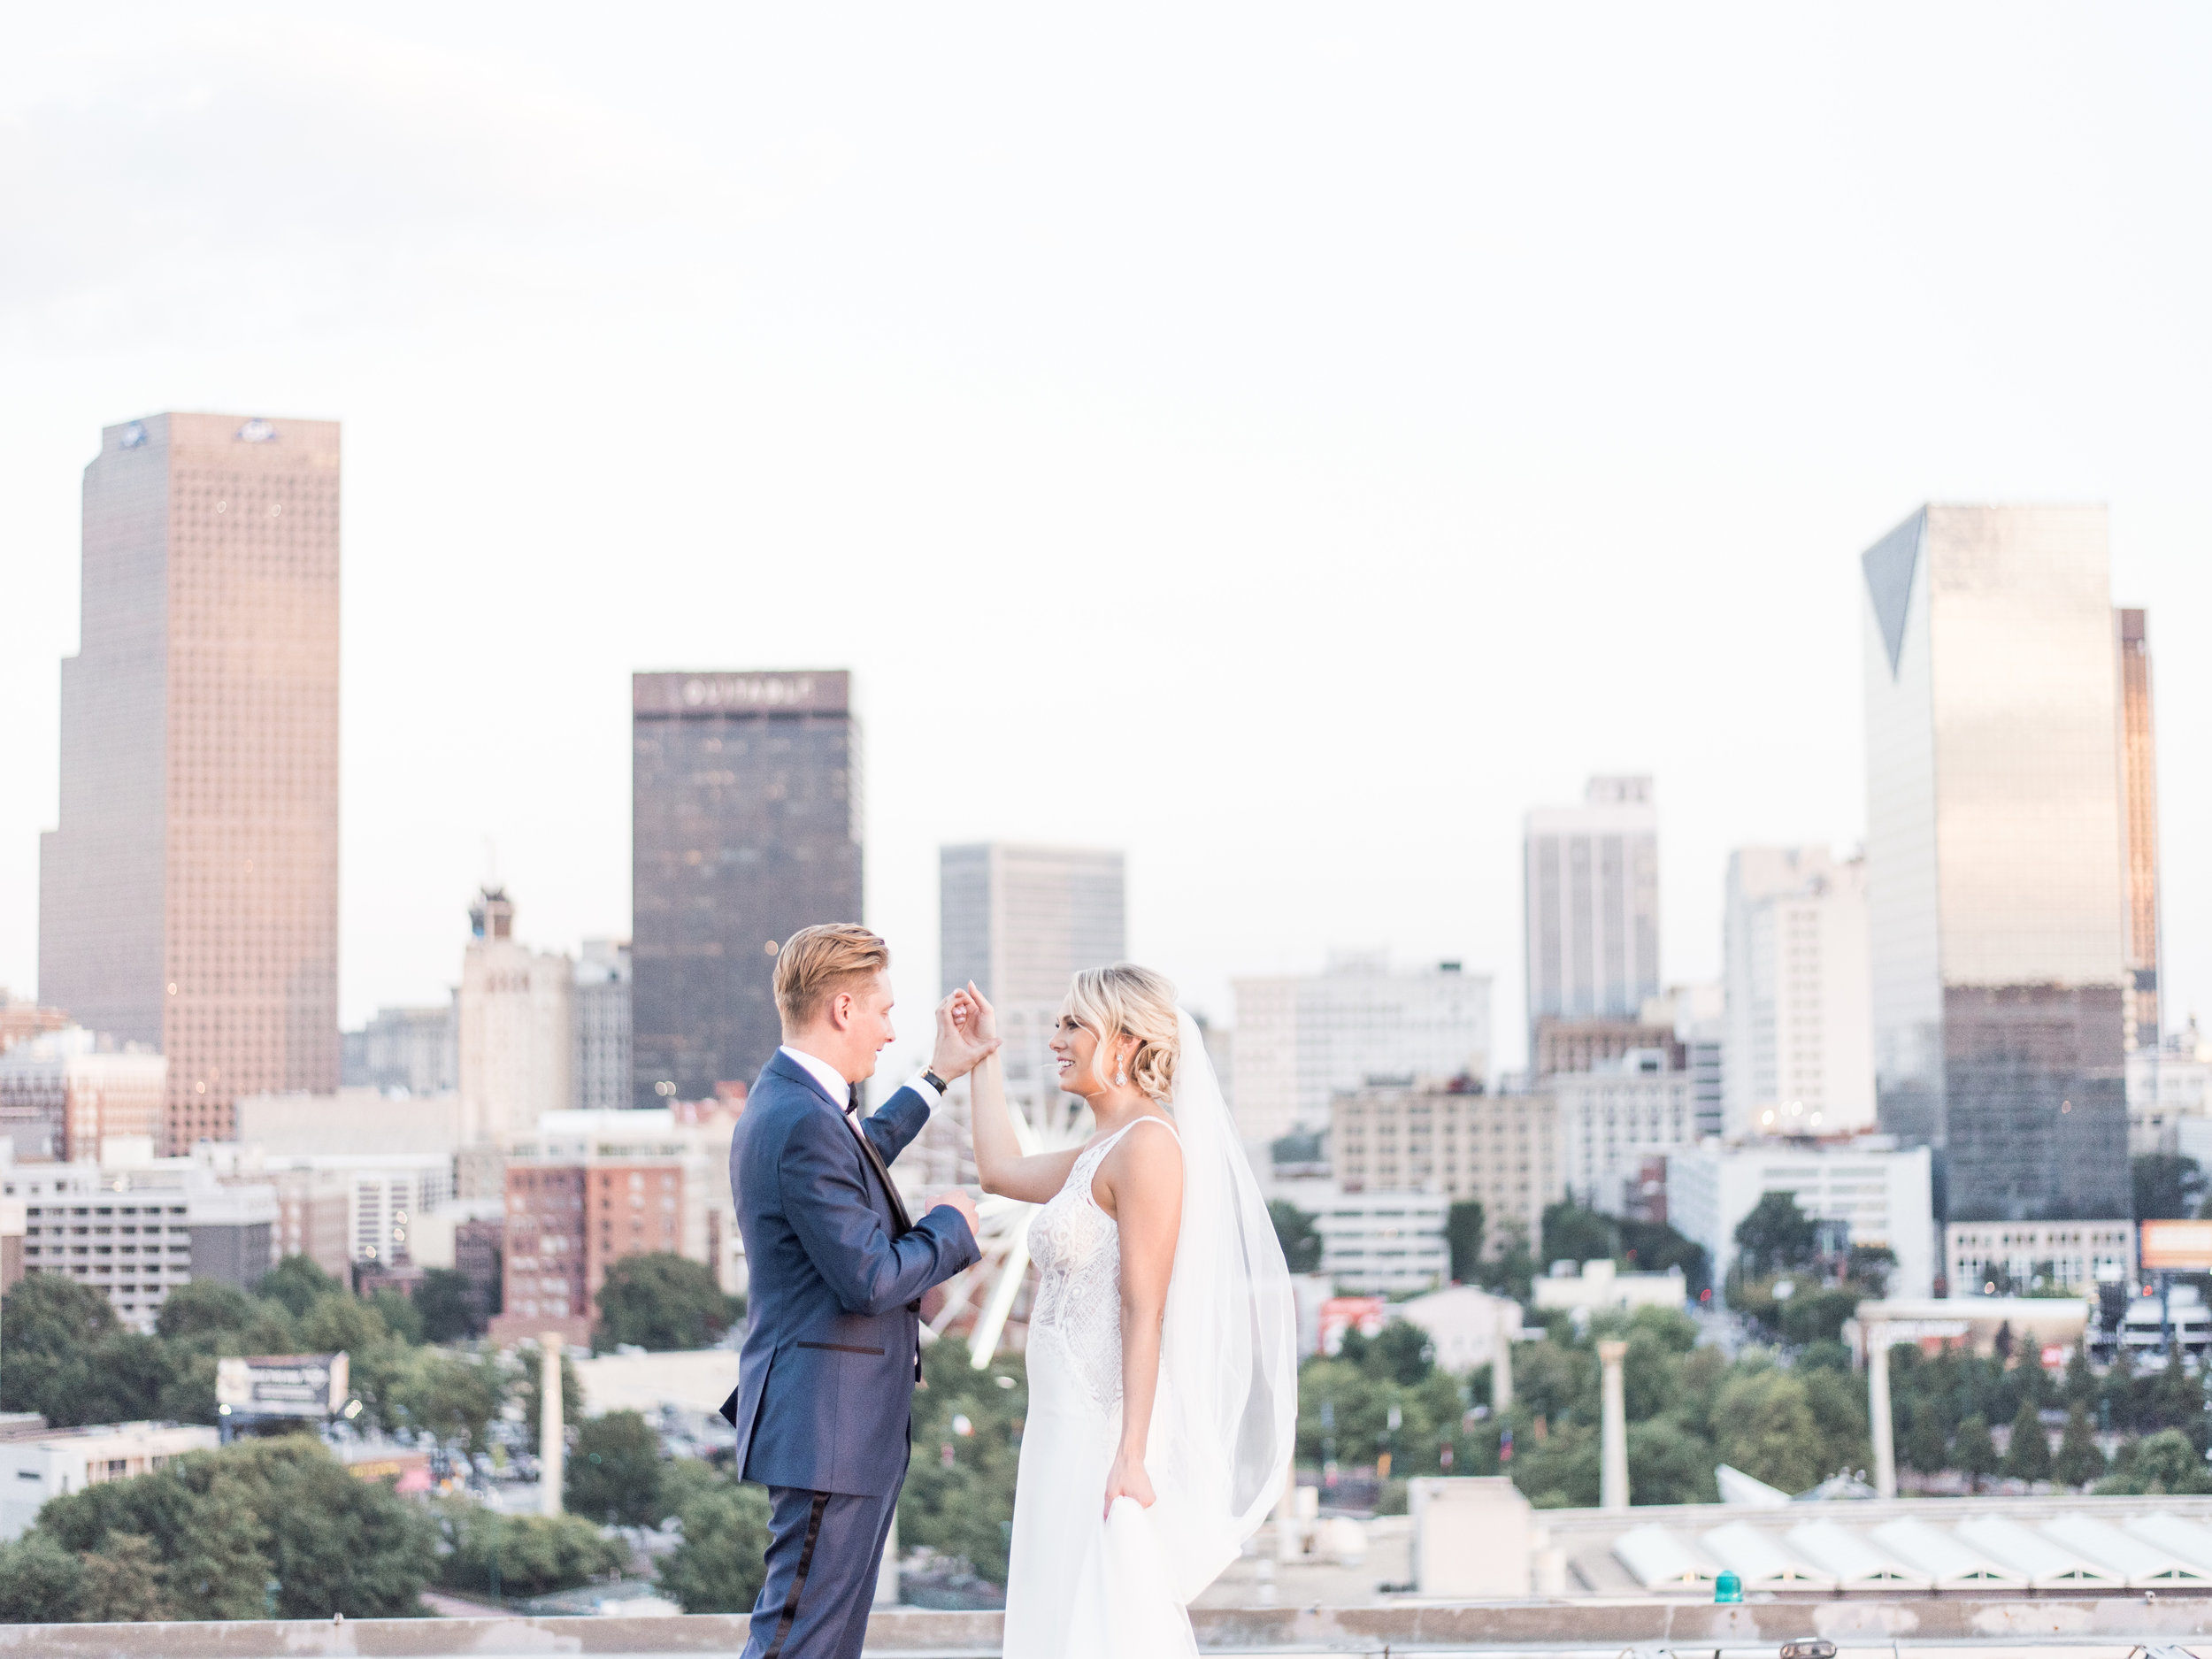 Summer rooftop wedding pictures in Midtown Atlanta